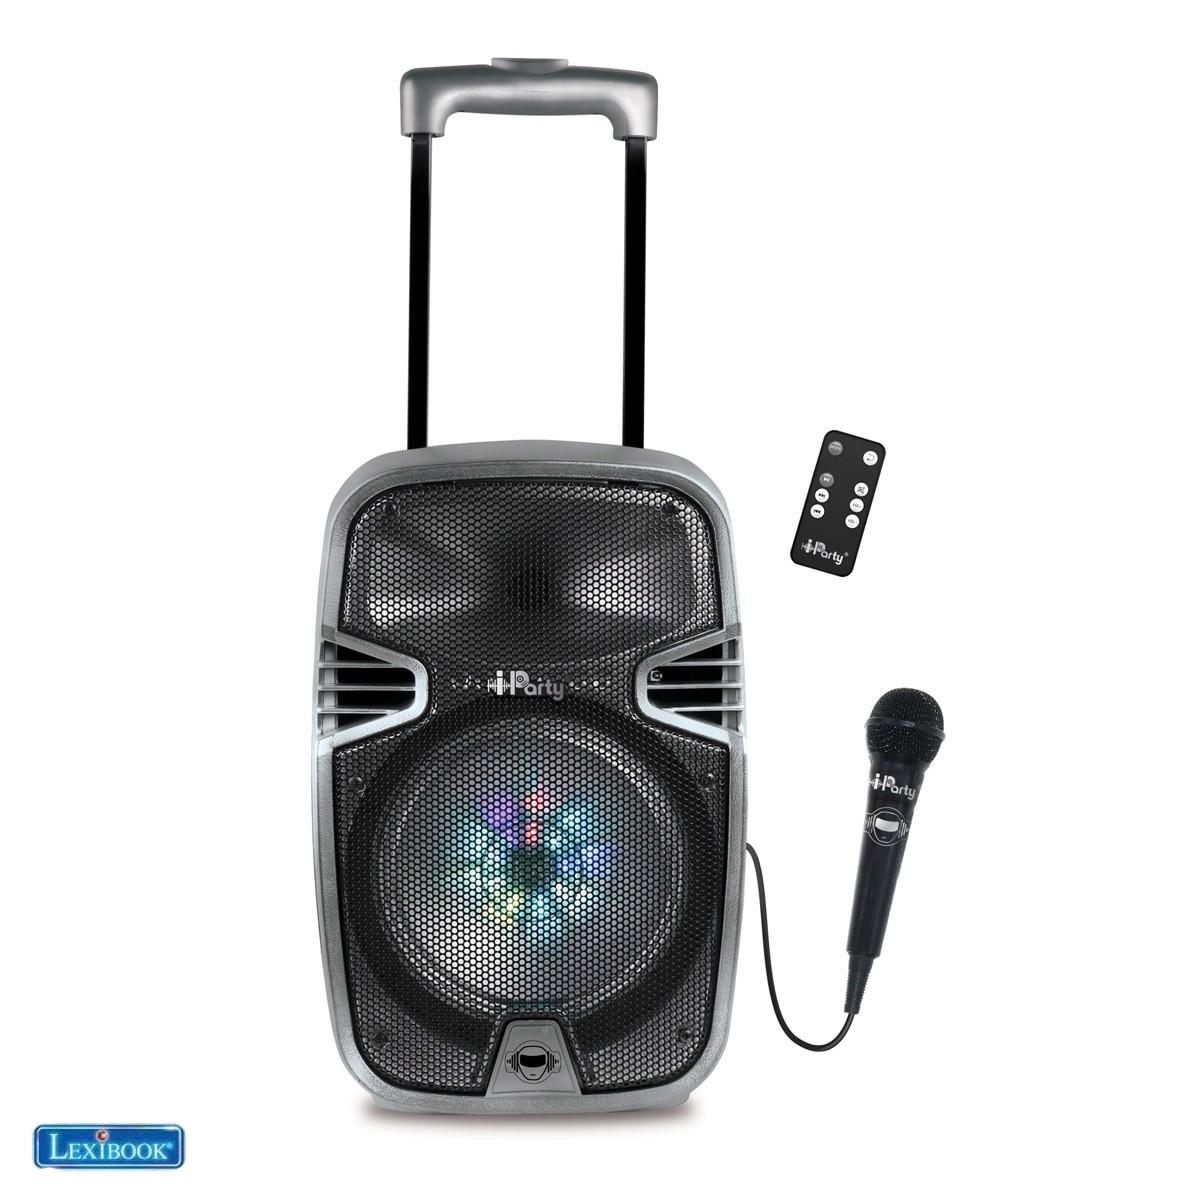 Lexibook IParty Enceinte karaoké Bluetooth® iParty - Lexibook K8250-02